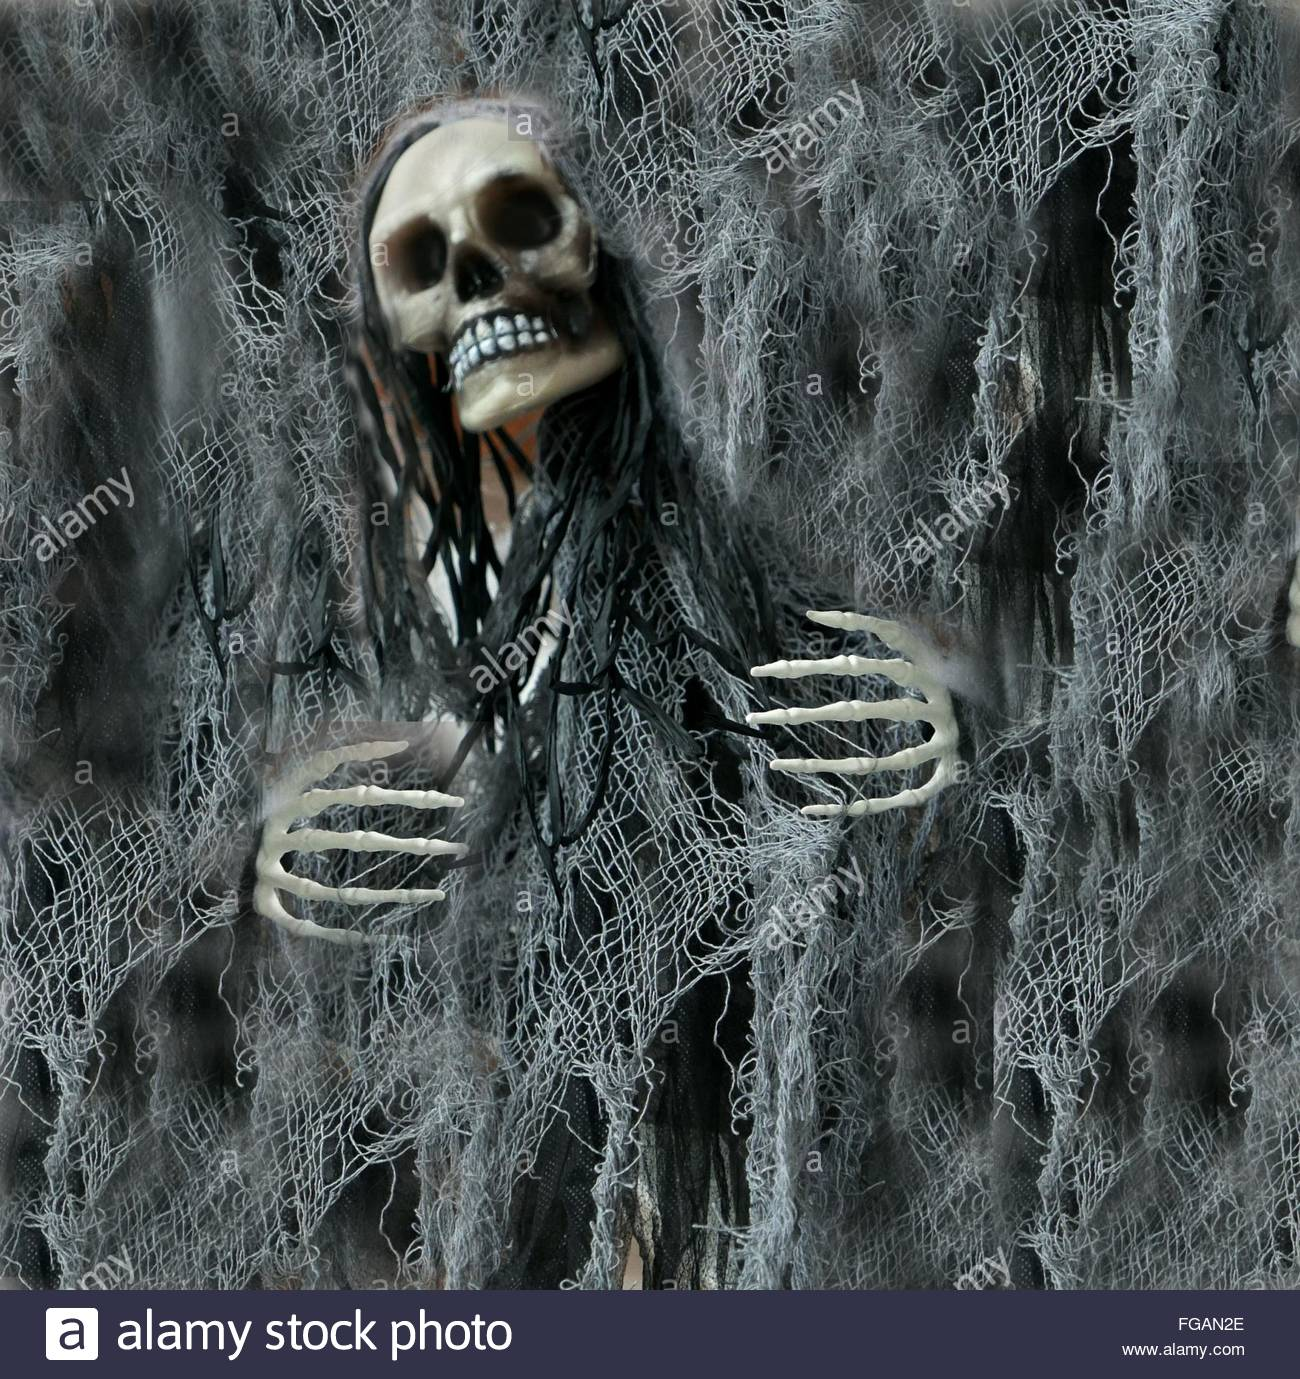 Digital immagine composita del cranio umano e Net Immagini Stock